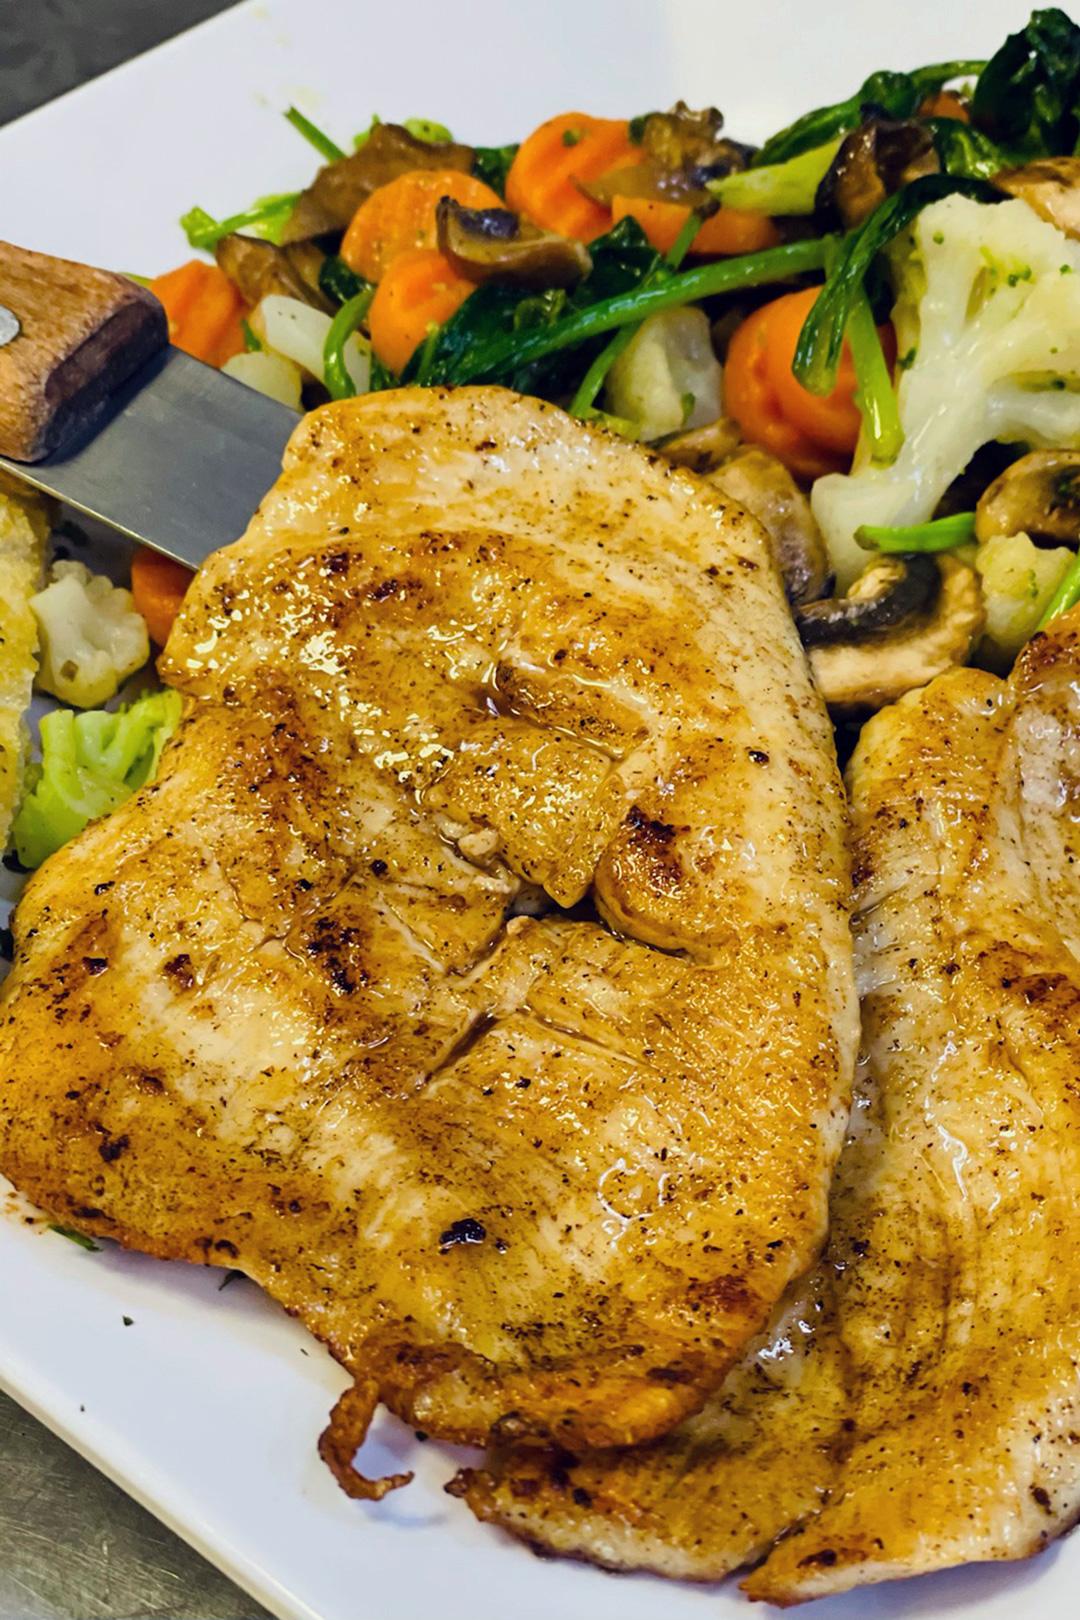 Chicken with Veggies Fried Ravioli Elizabeth's Pizza Thomasville